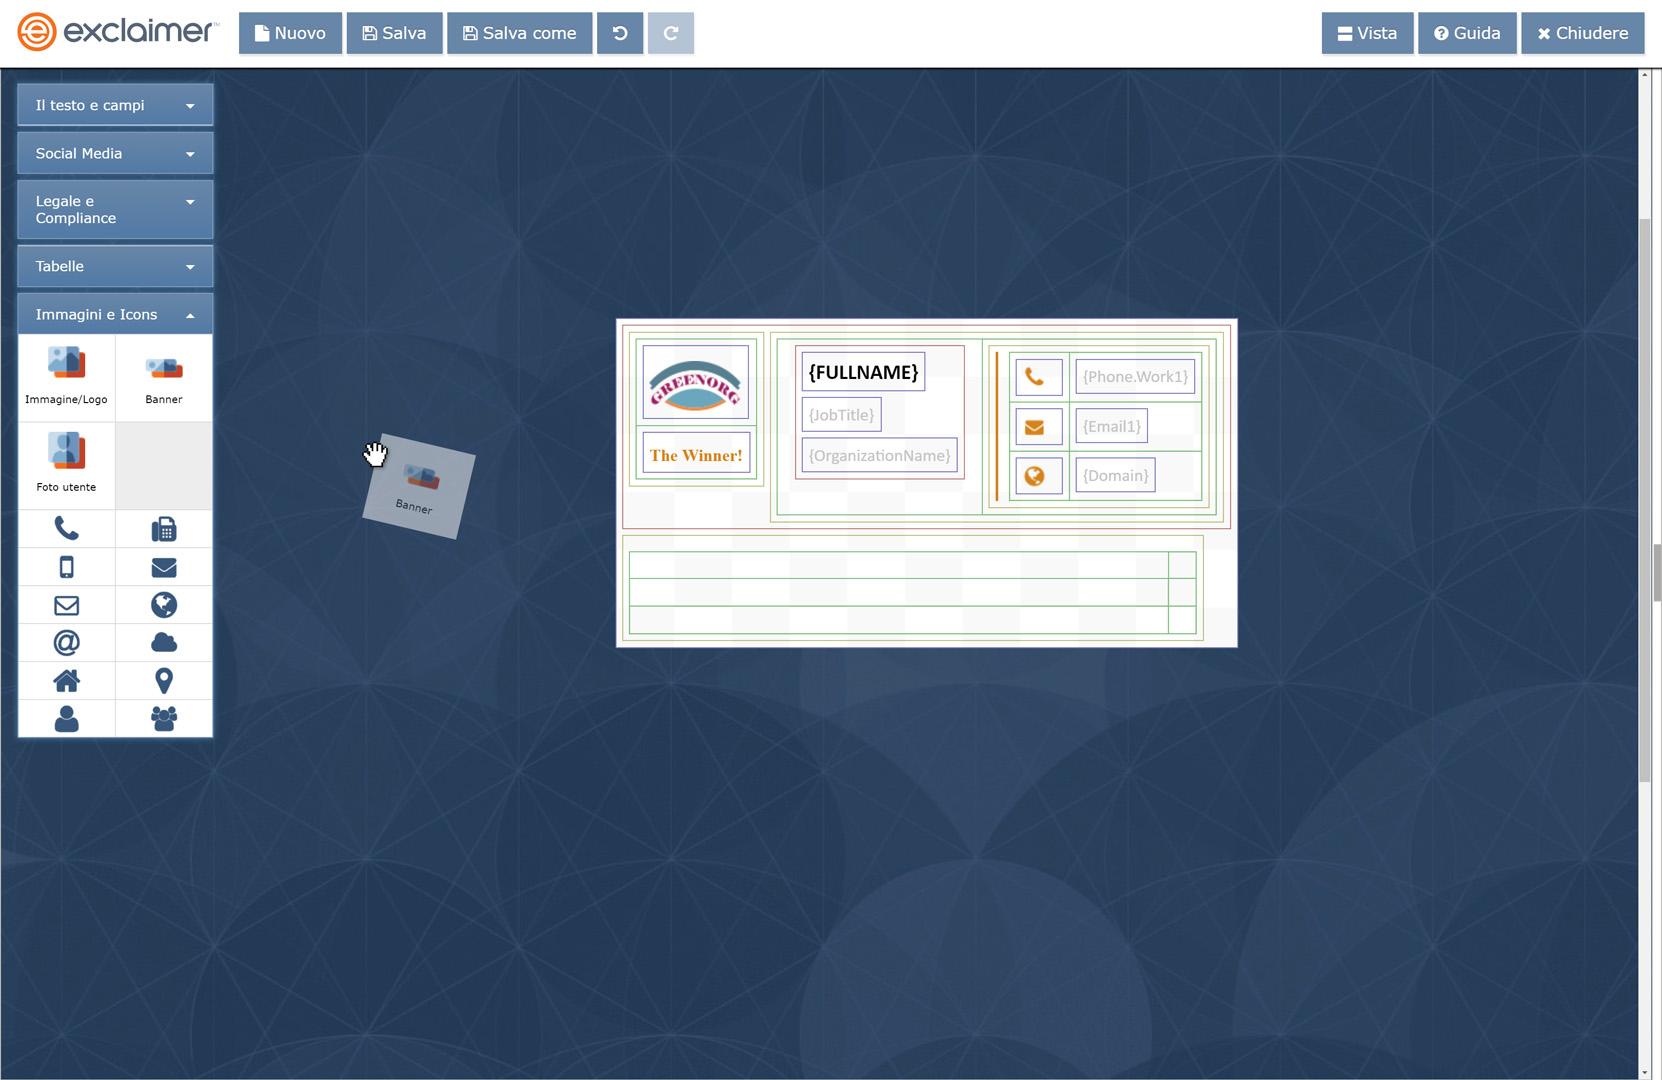 Trascina i vari elementi della firma nel tuo progetto di firma e-mail G Suite.